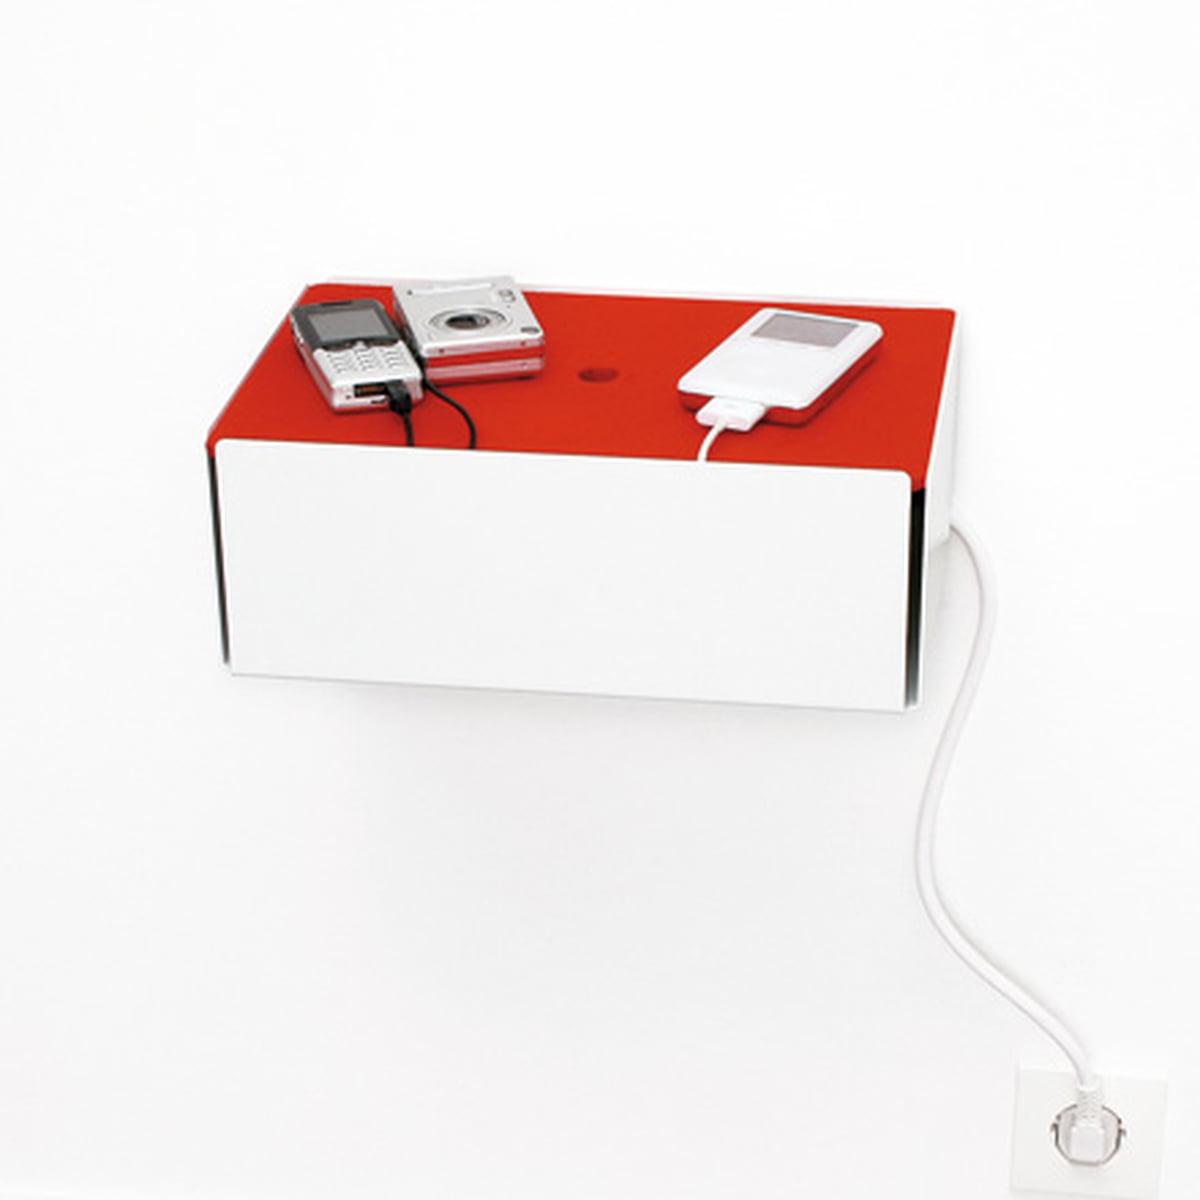 konsolentisch wirklich praktische losung, charge-box von konstantin slawinski im shop, Design ideen